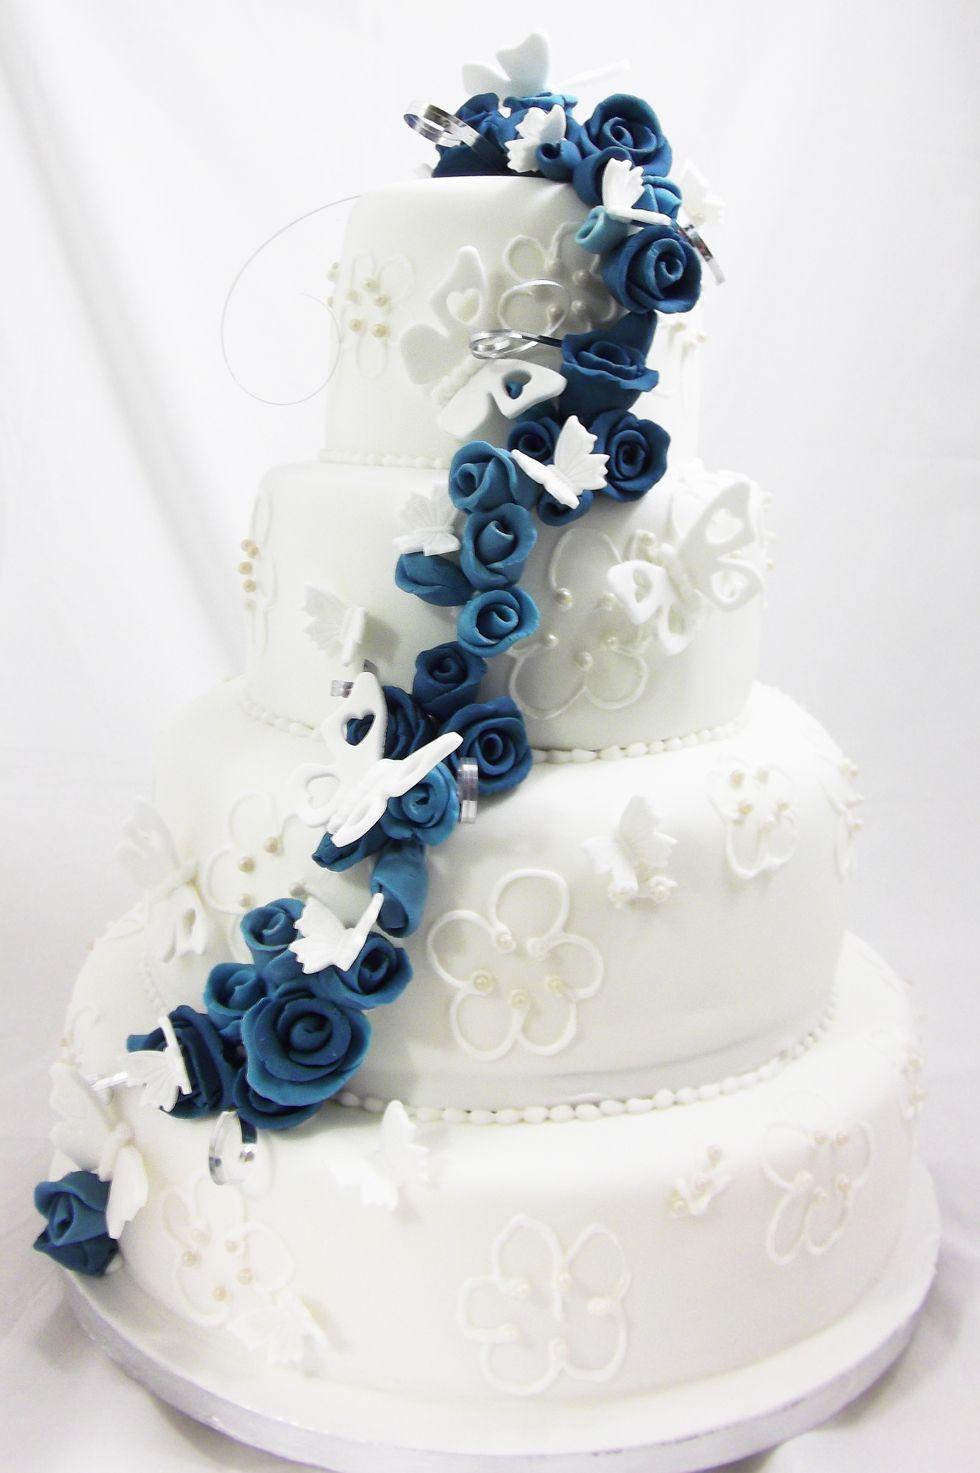 Erflies Wedding Cakes 18 2017 At 980 1473 In Blue Erfly Cakepurple